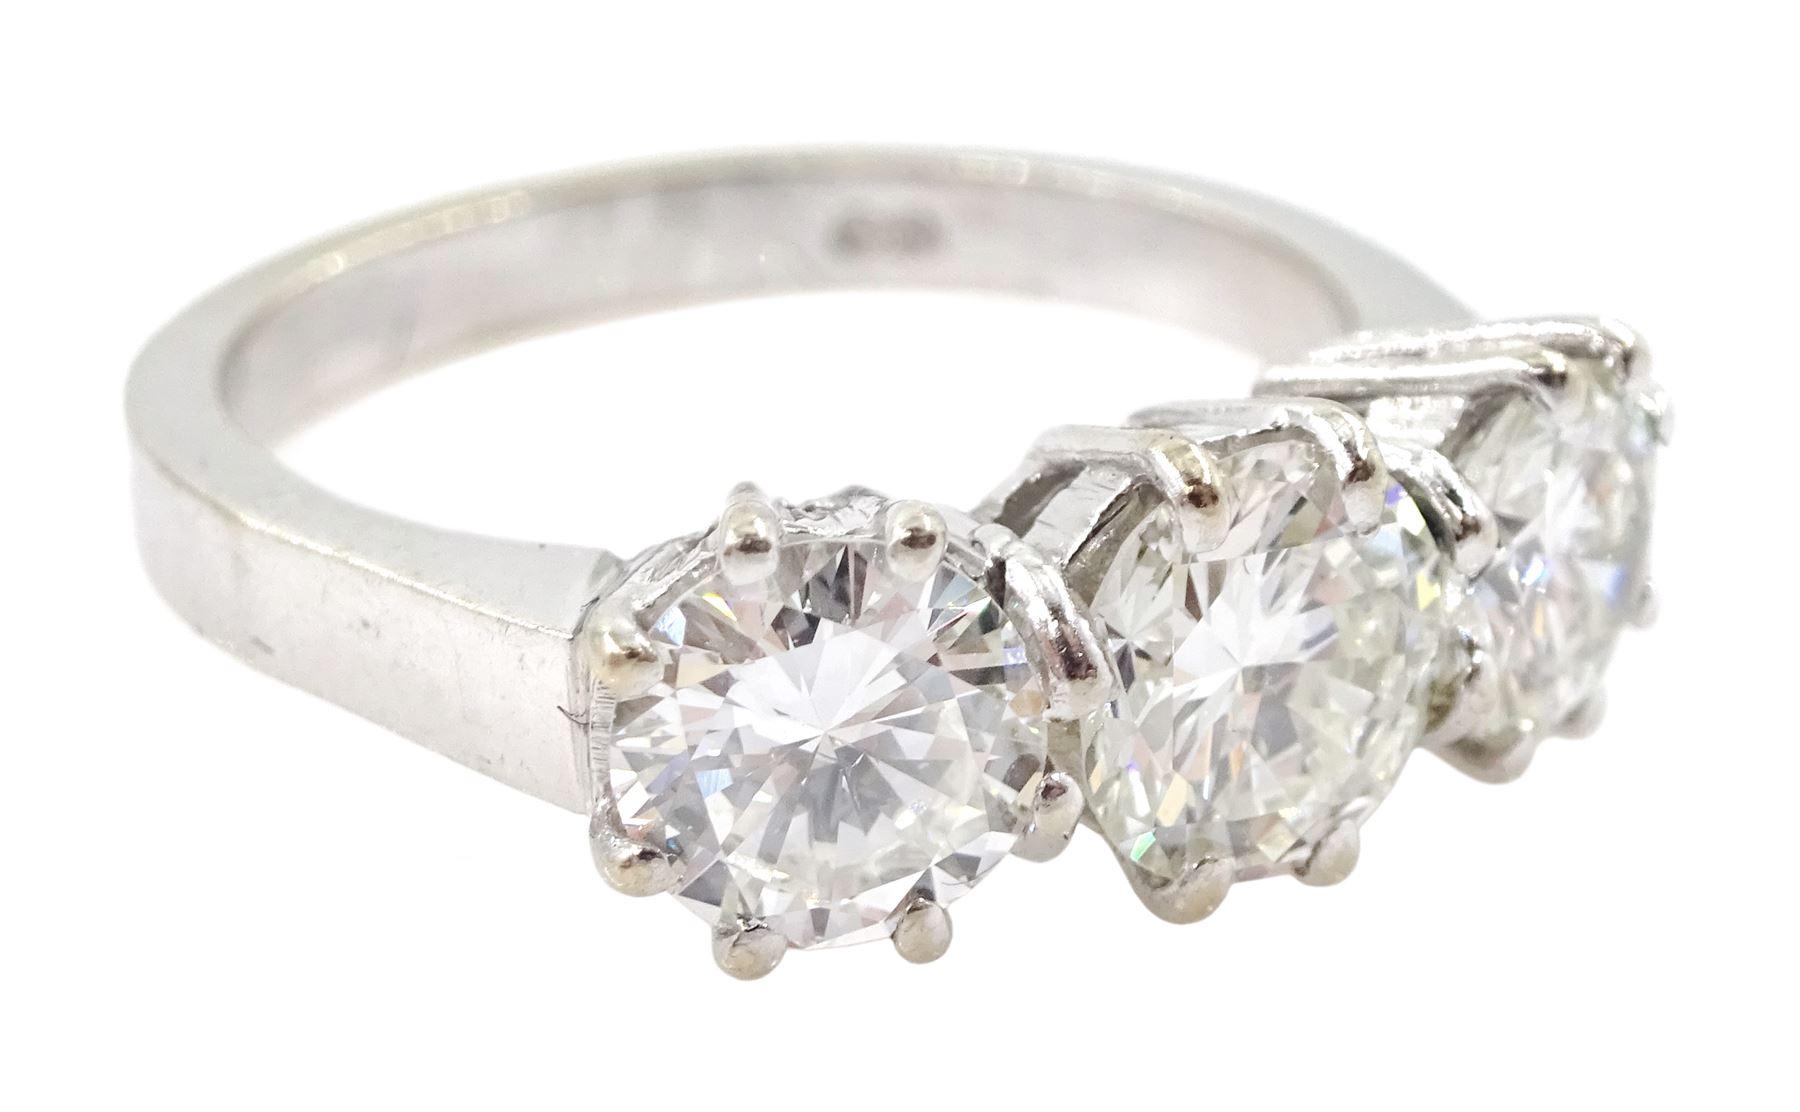 18ct white gold three stone diamond ring - Image 4 of 5